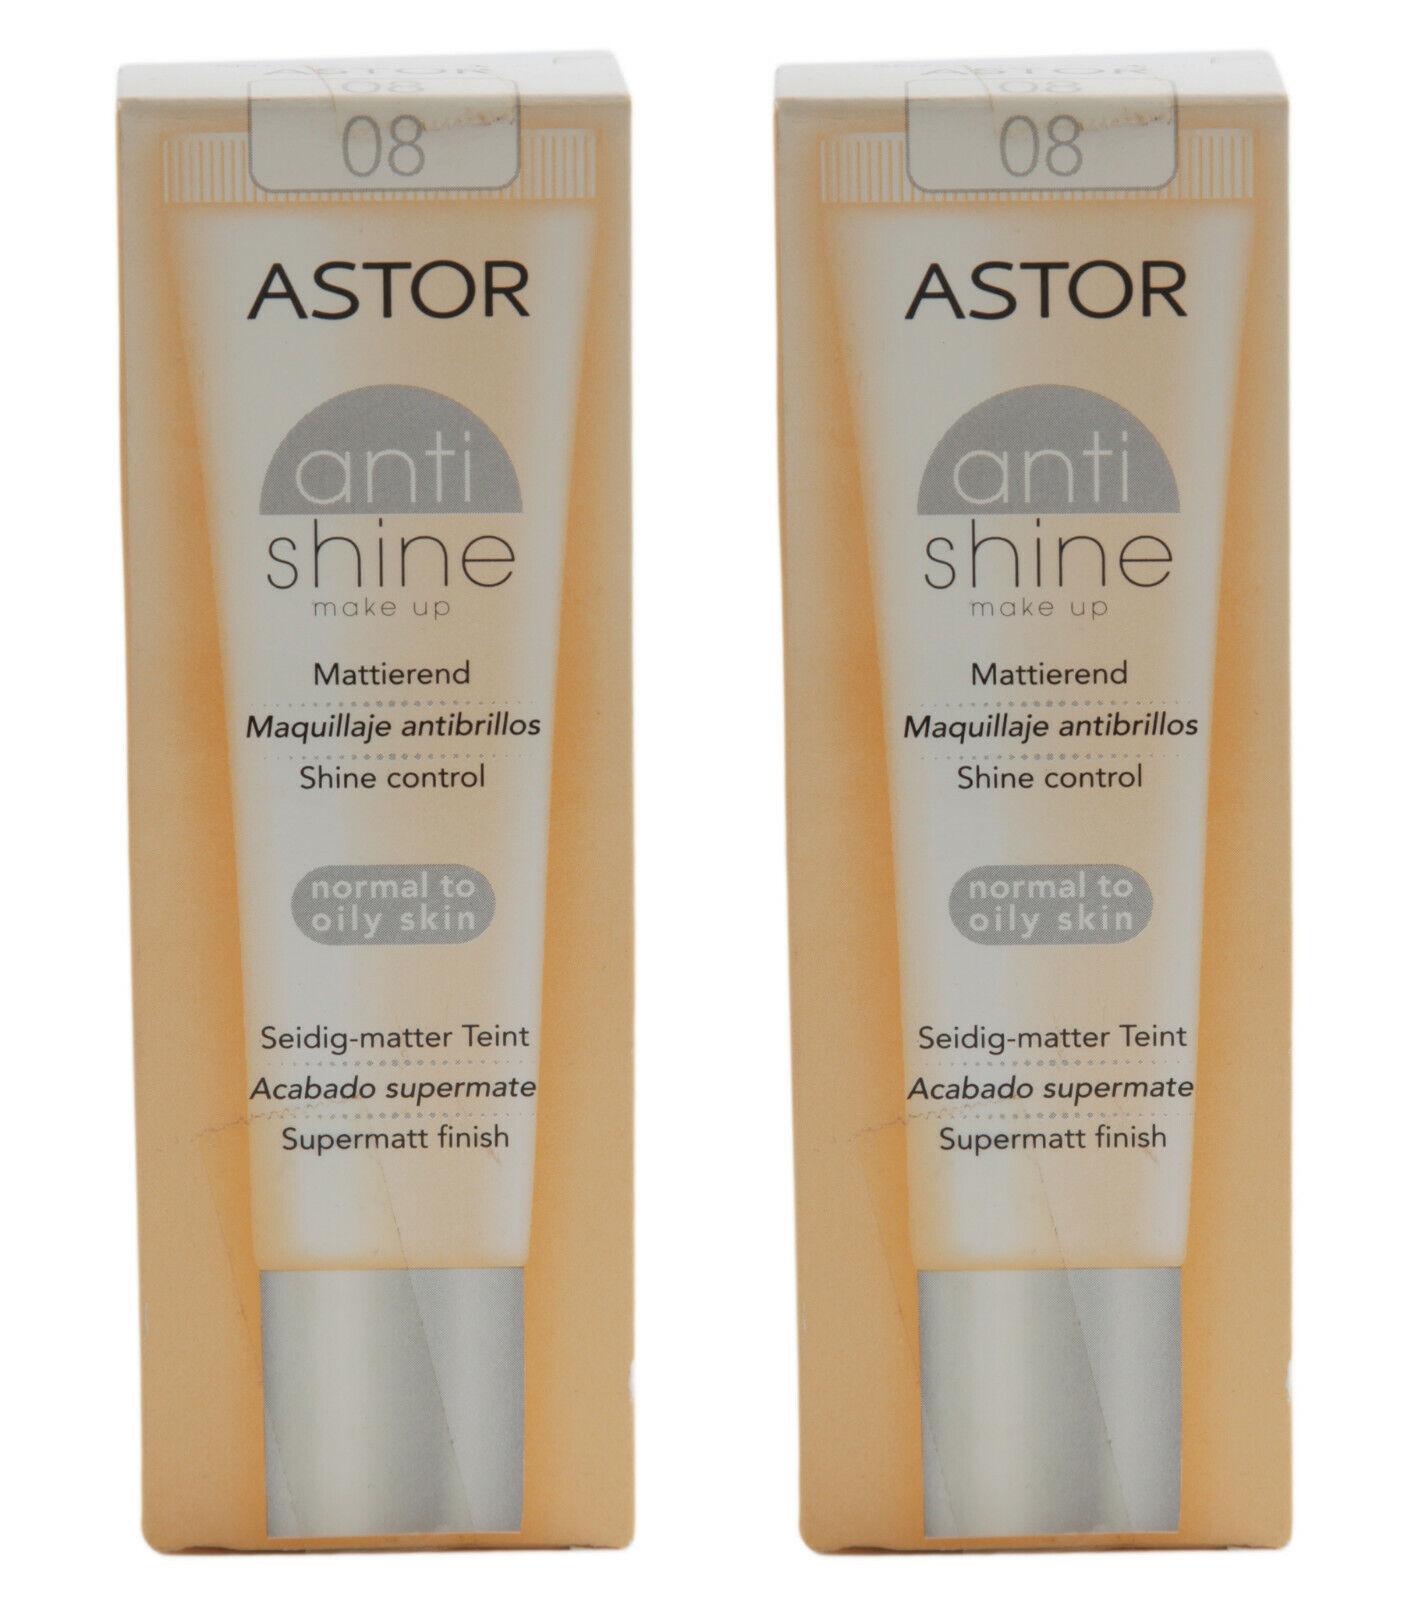 2 ASTOR antishine MAKE UP Mattierend SEIDIG-MATTER TEINT Supermatt ANTI SHINE 08